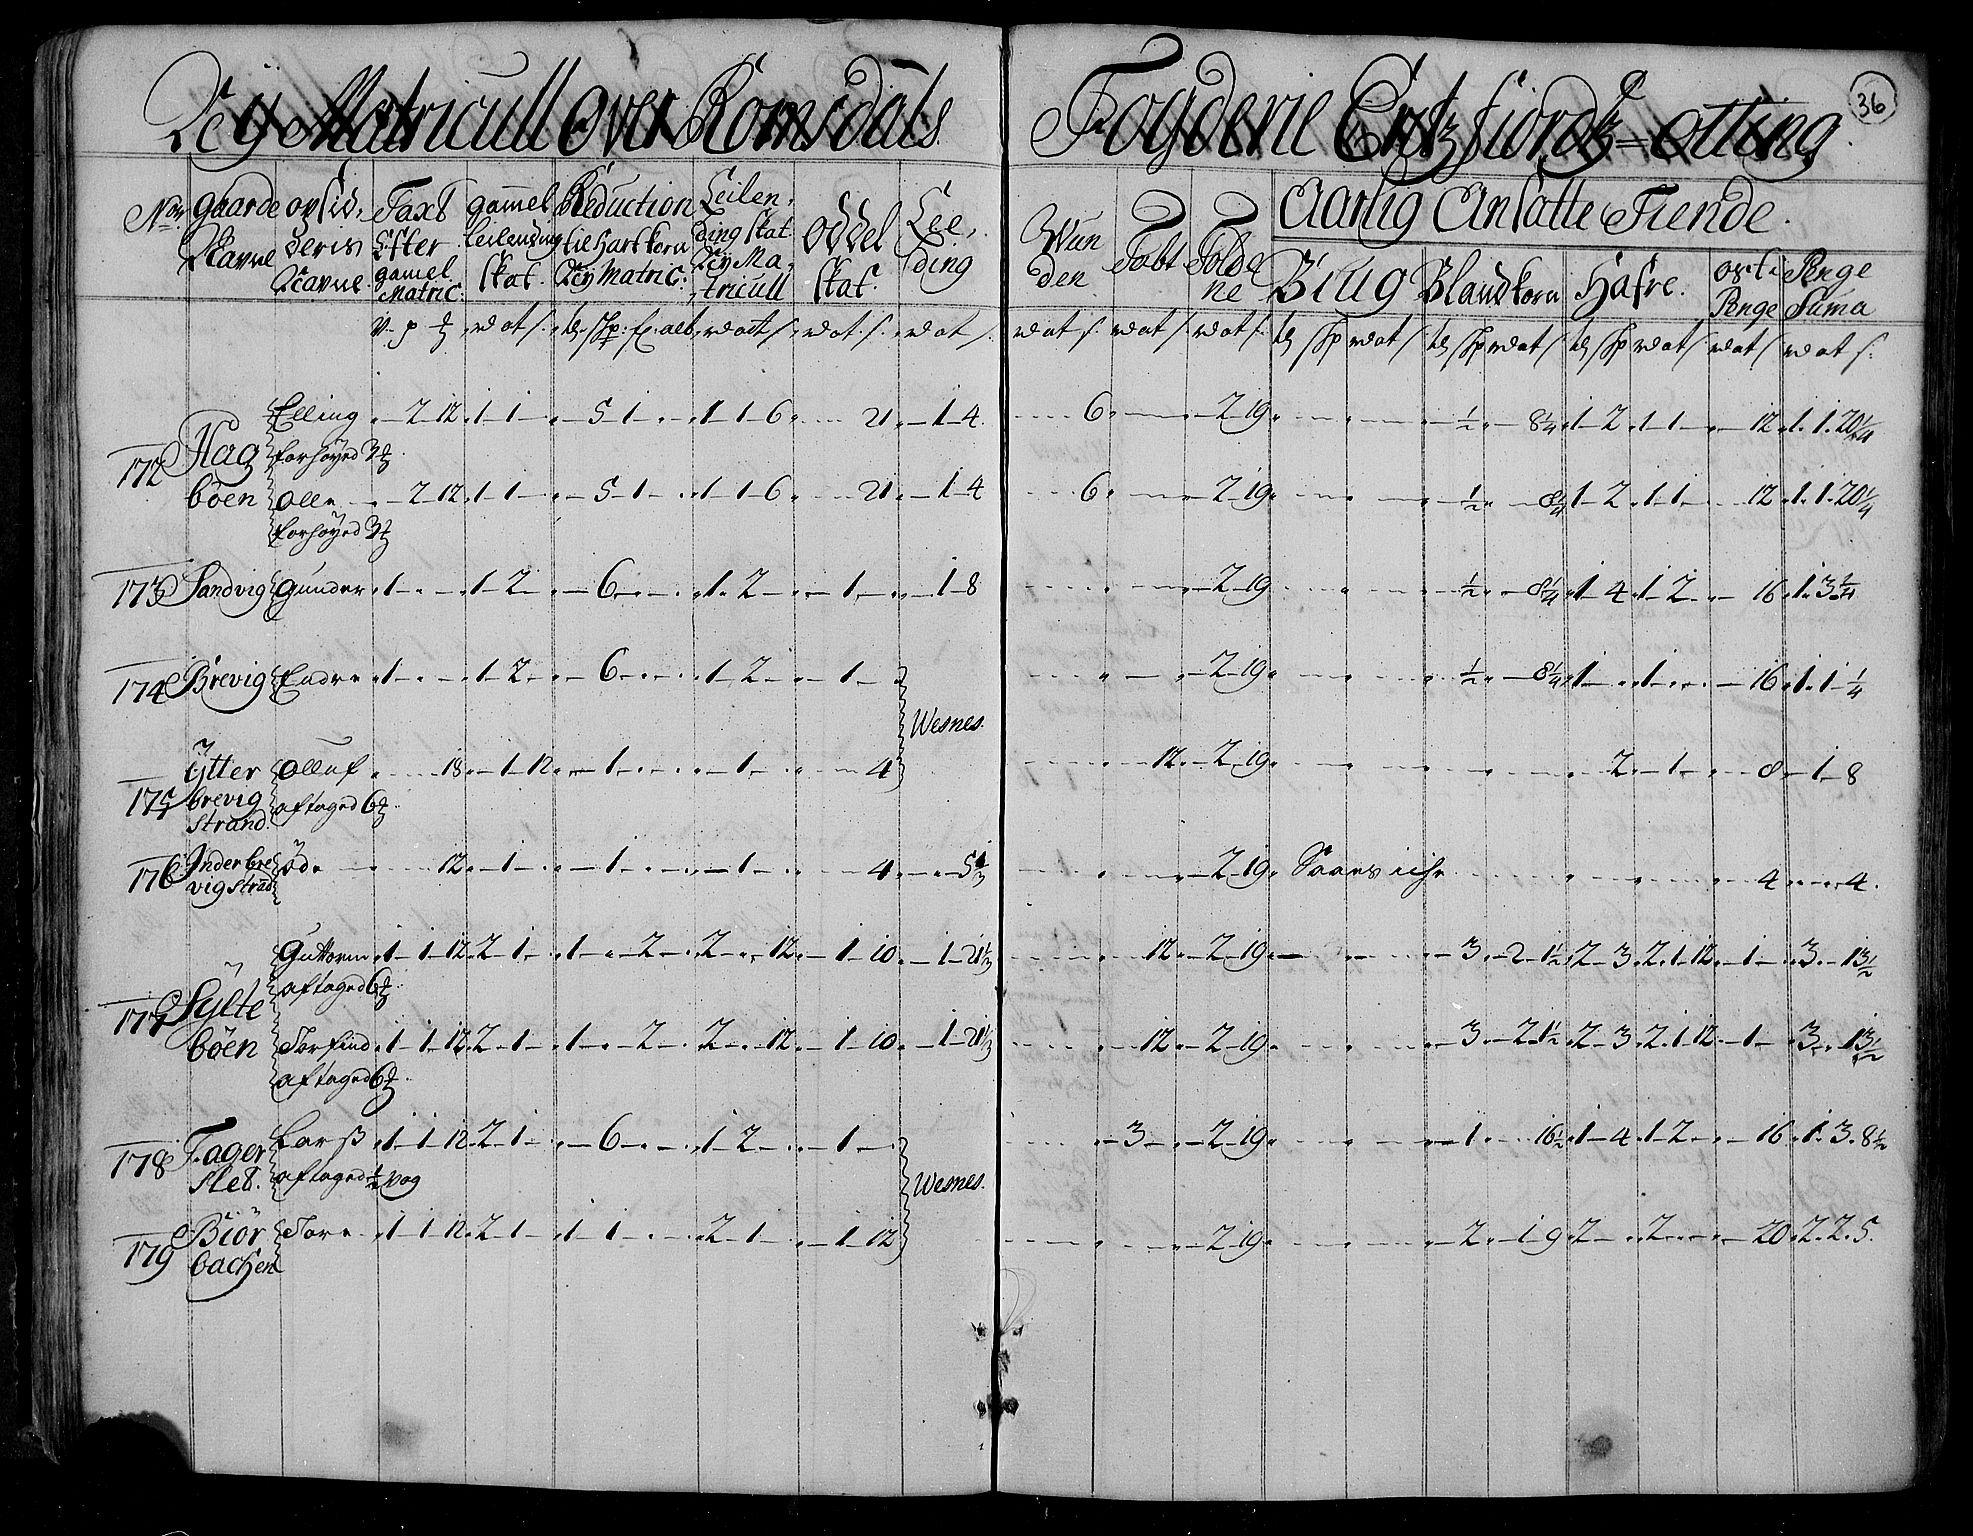 RA, Rentekammeret inntil 1814, Realistisk ordnet avdeling, N/Nb/Nbf/L0153: Romsdal matrikkelprotokoll, 1724, p. 37